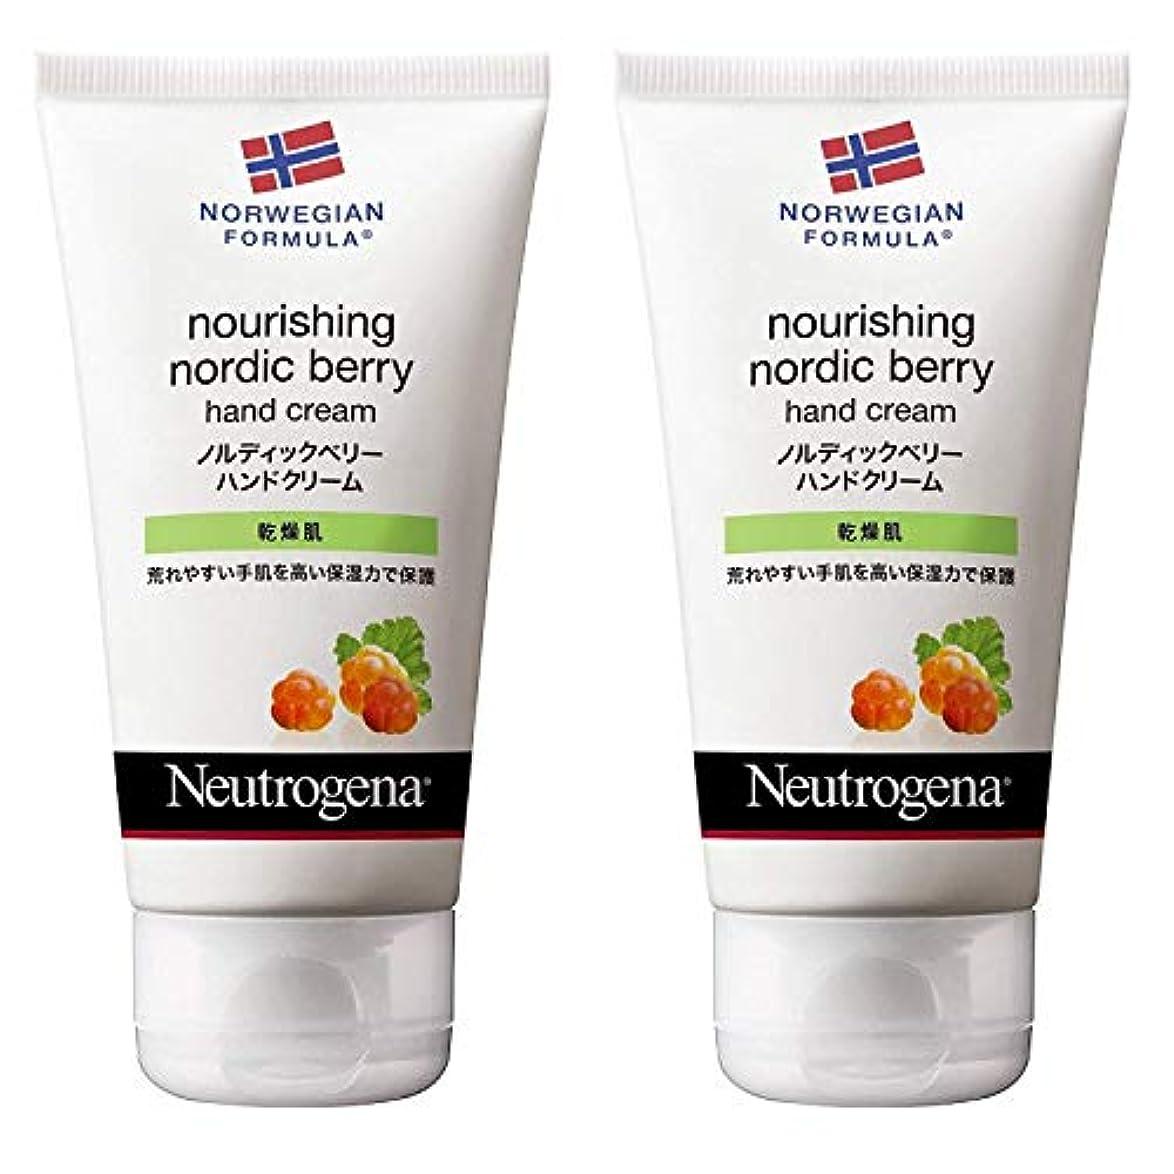 バトルかもしれない先例[2個セット]Neutrogena(ニュートロジーナ)ノルウェーフォーミュラ ノルディックベリー ハンドクリーム 75g